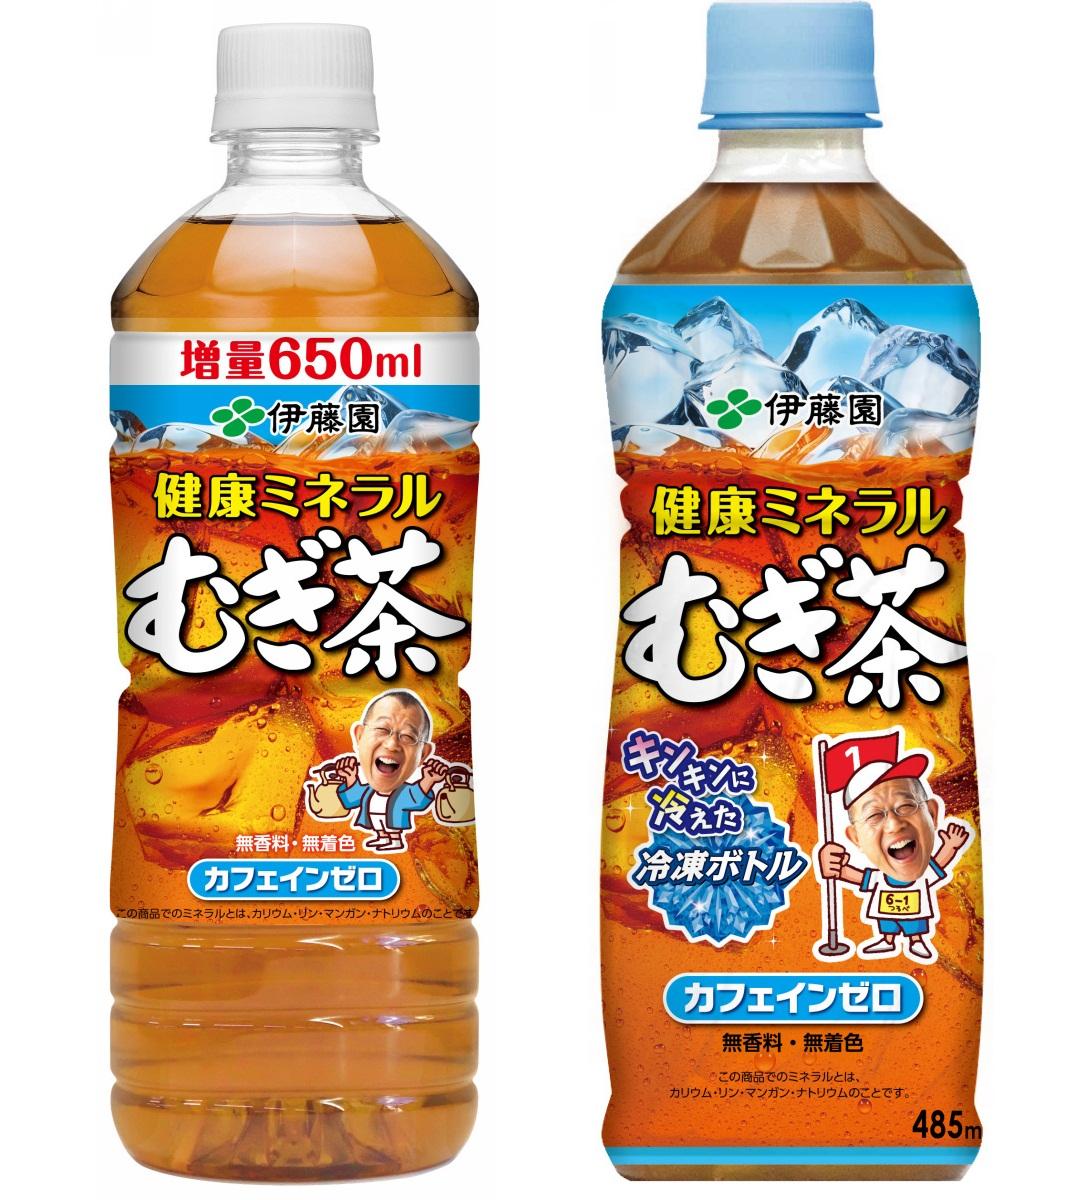 600ml 24本 伊藤園 むぎ茶 健康ミネラル